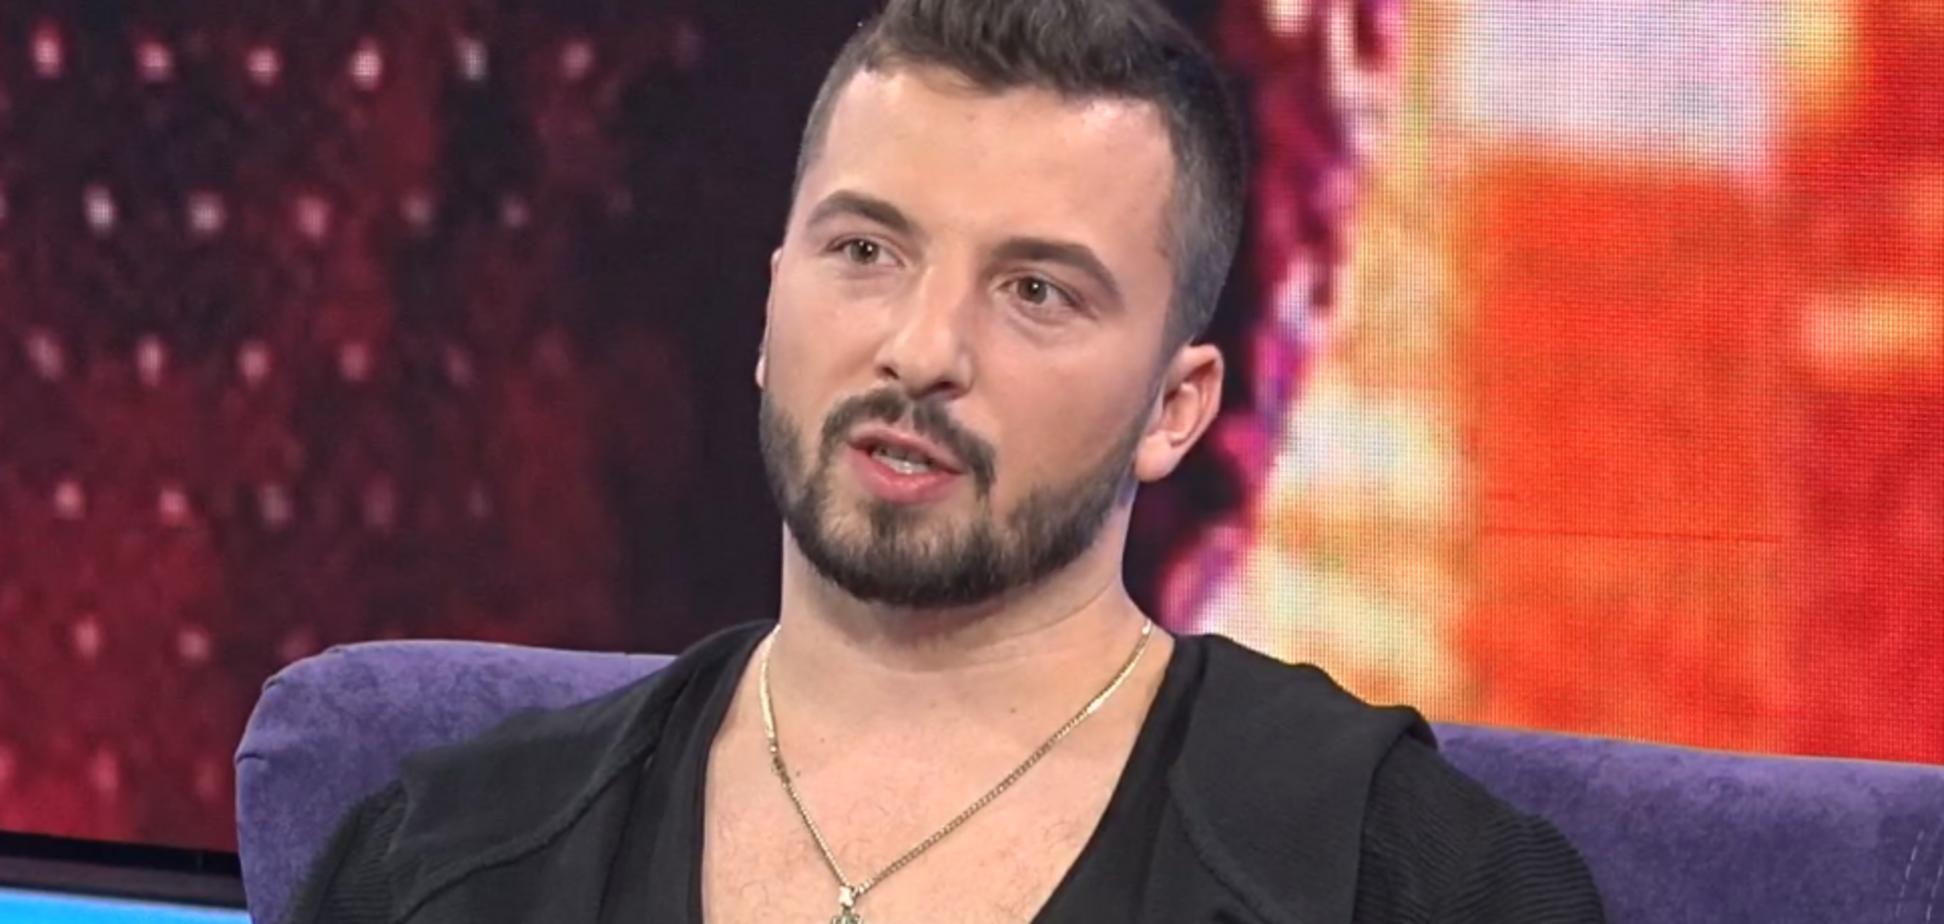 'Танці з зірками': переможець проекту розповів про закулісні подробиці шоу